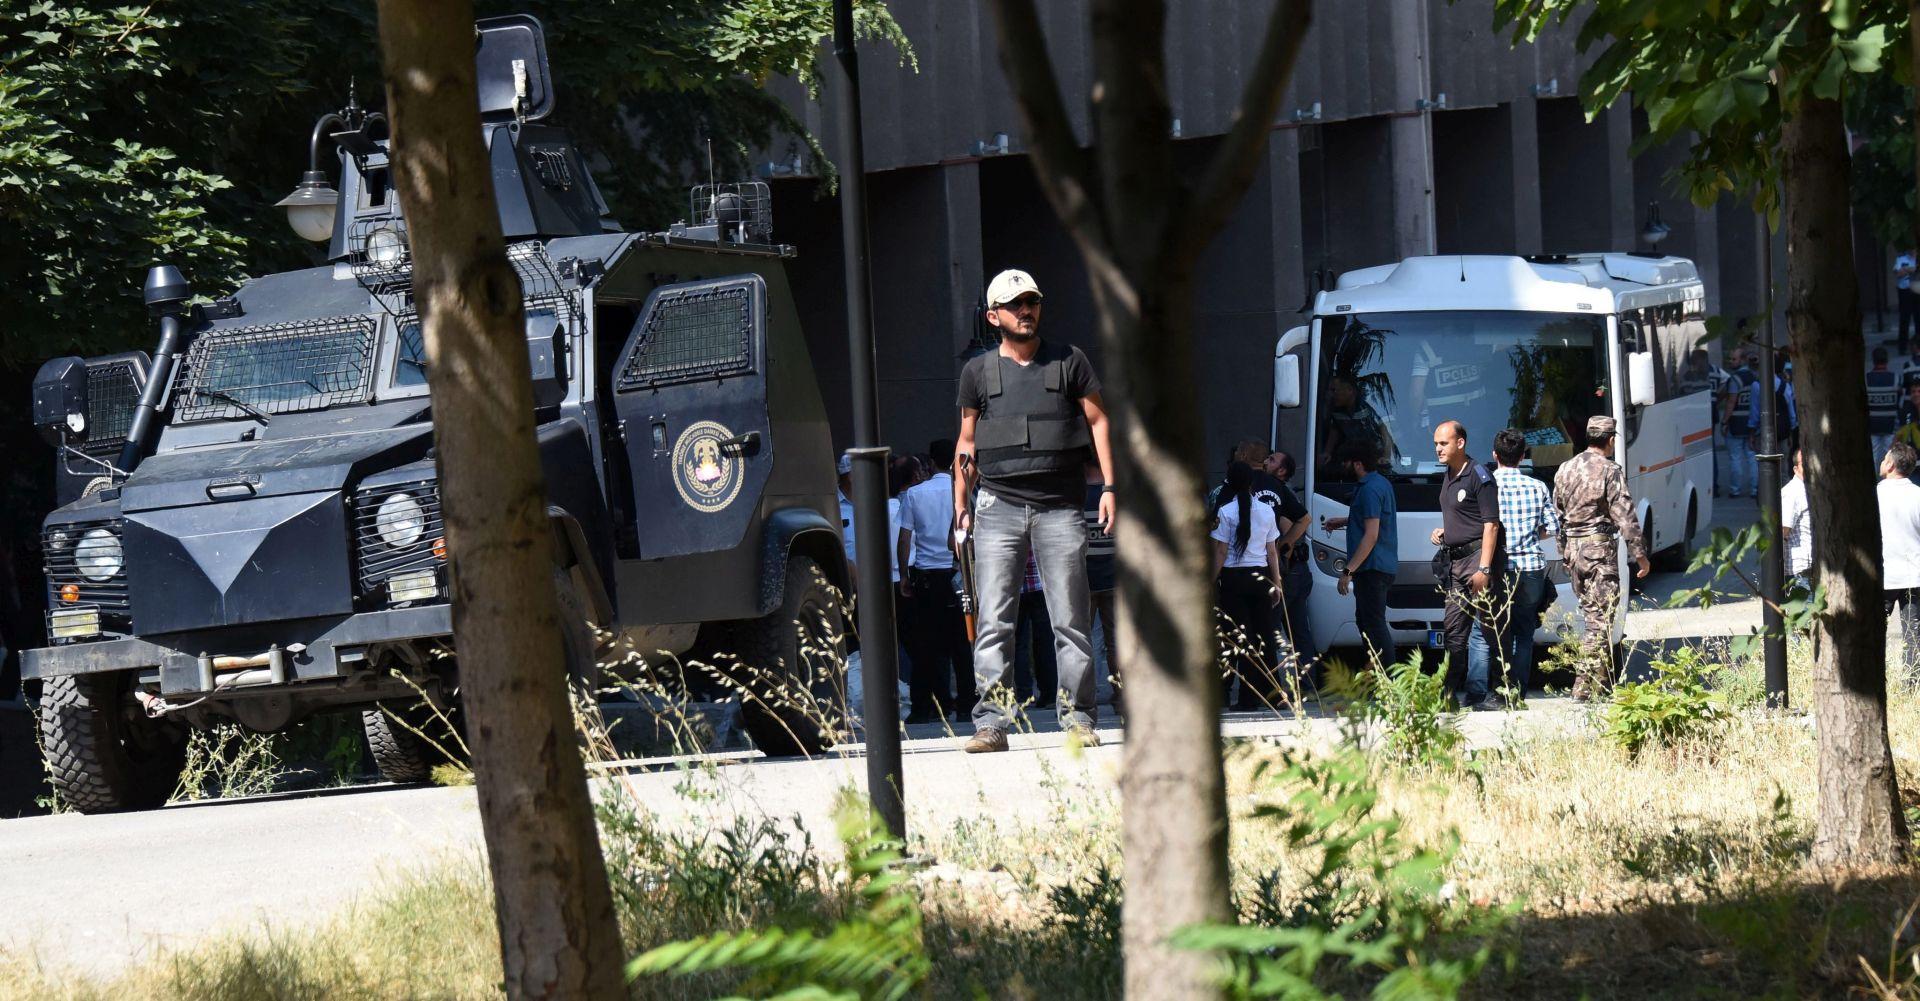 AKTIVIRALI AUTOBOMBU: Kod Ankare se raznijelo dvoje napadača samoubojica